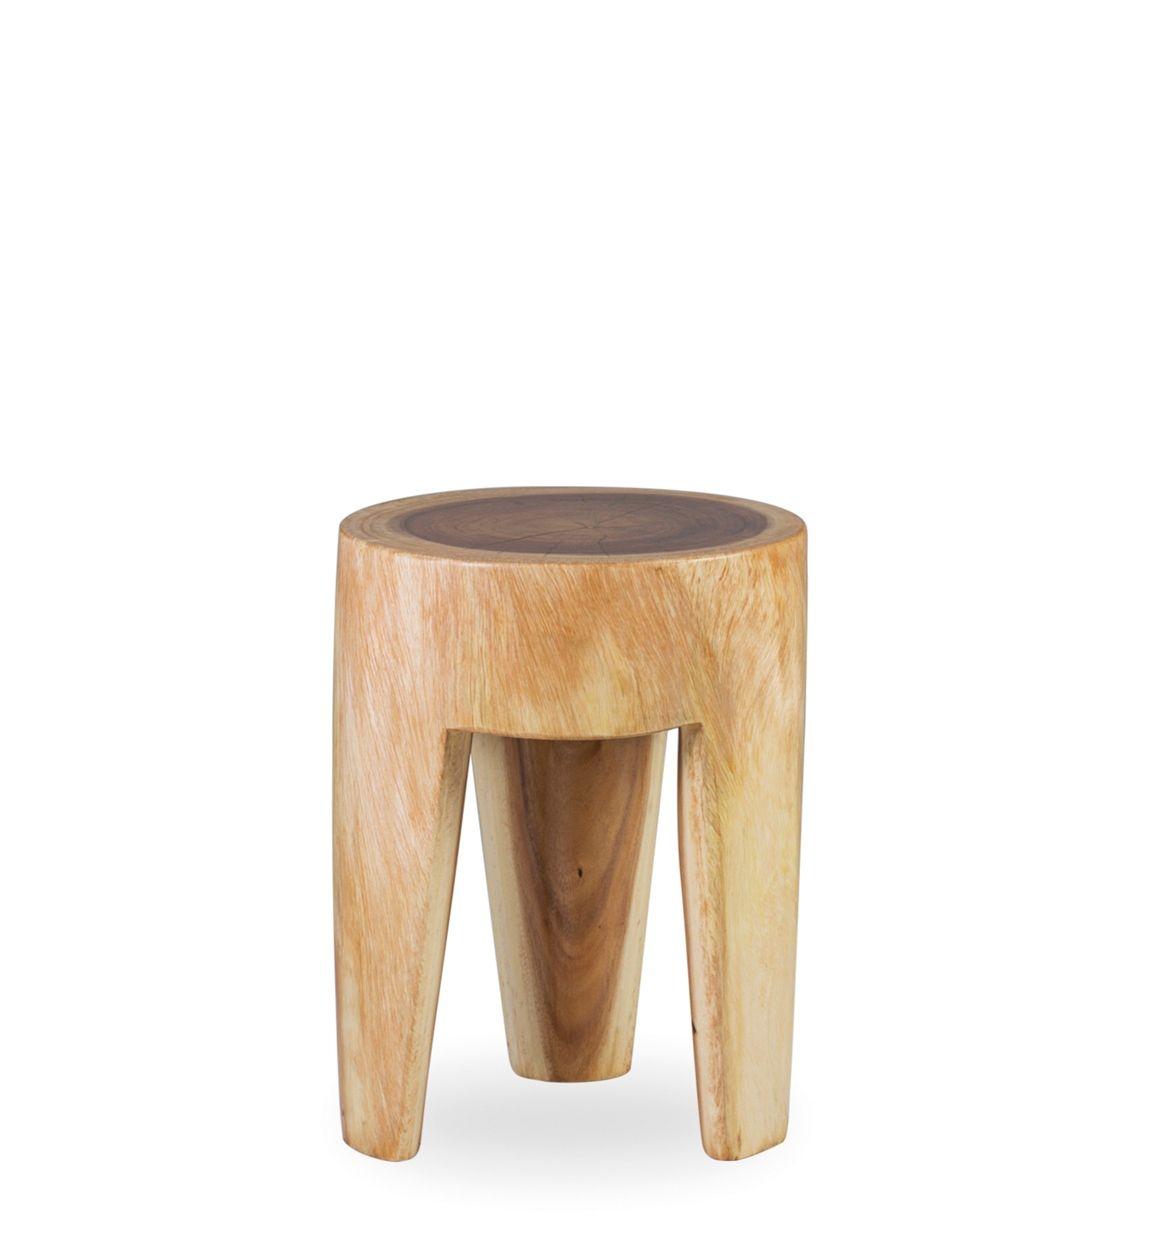 Taburet din lemn Log Natural,Ø35xH45 cm imagine